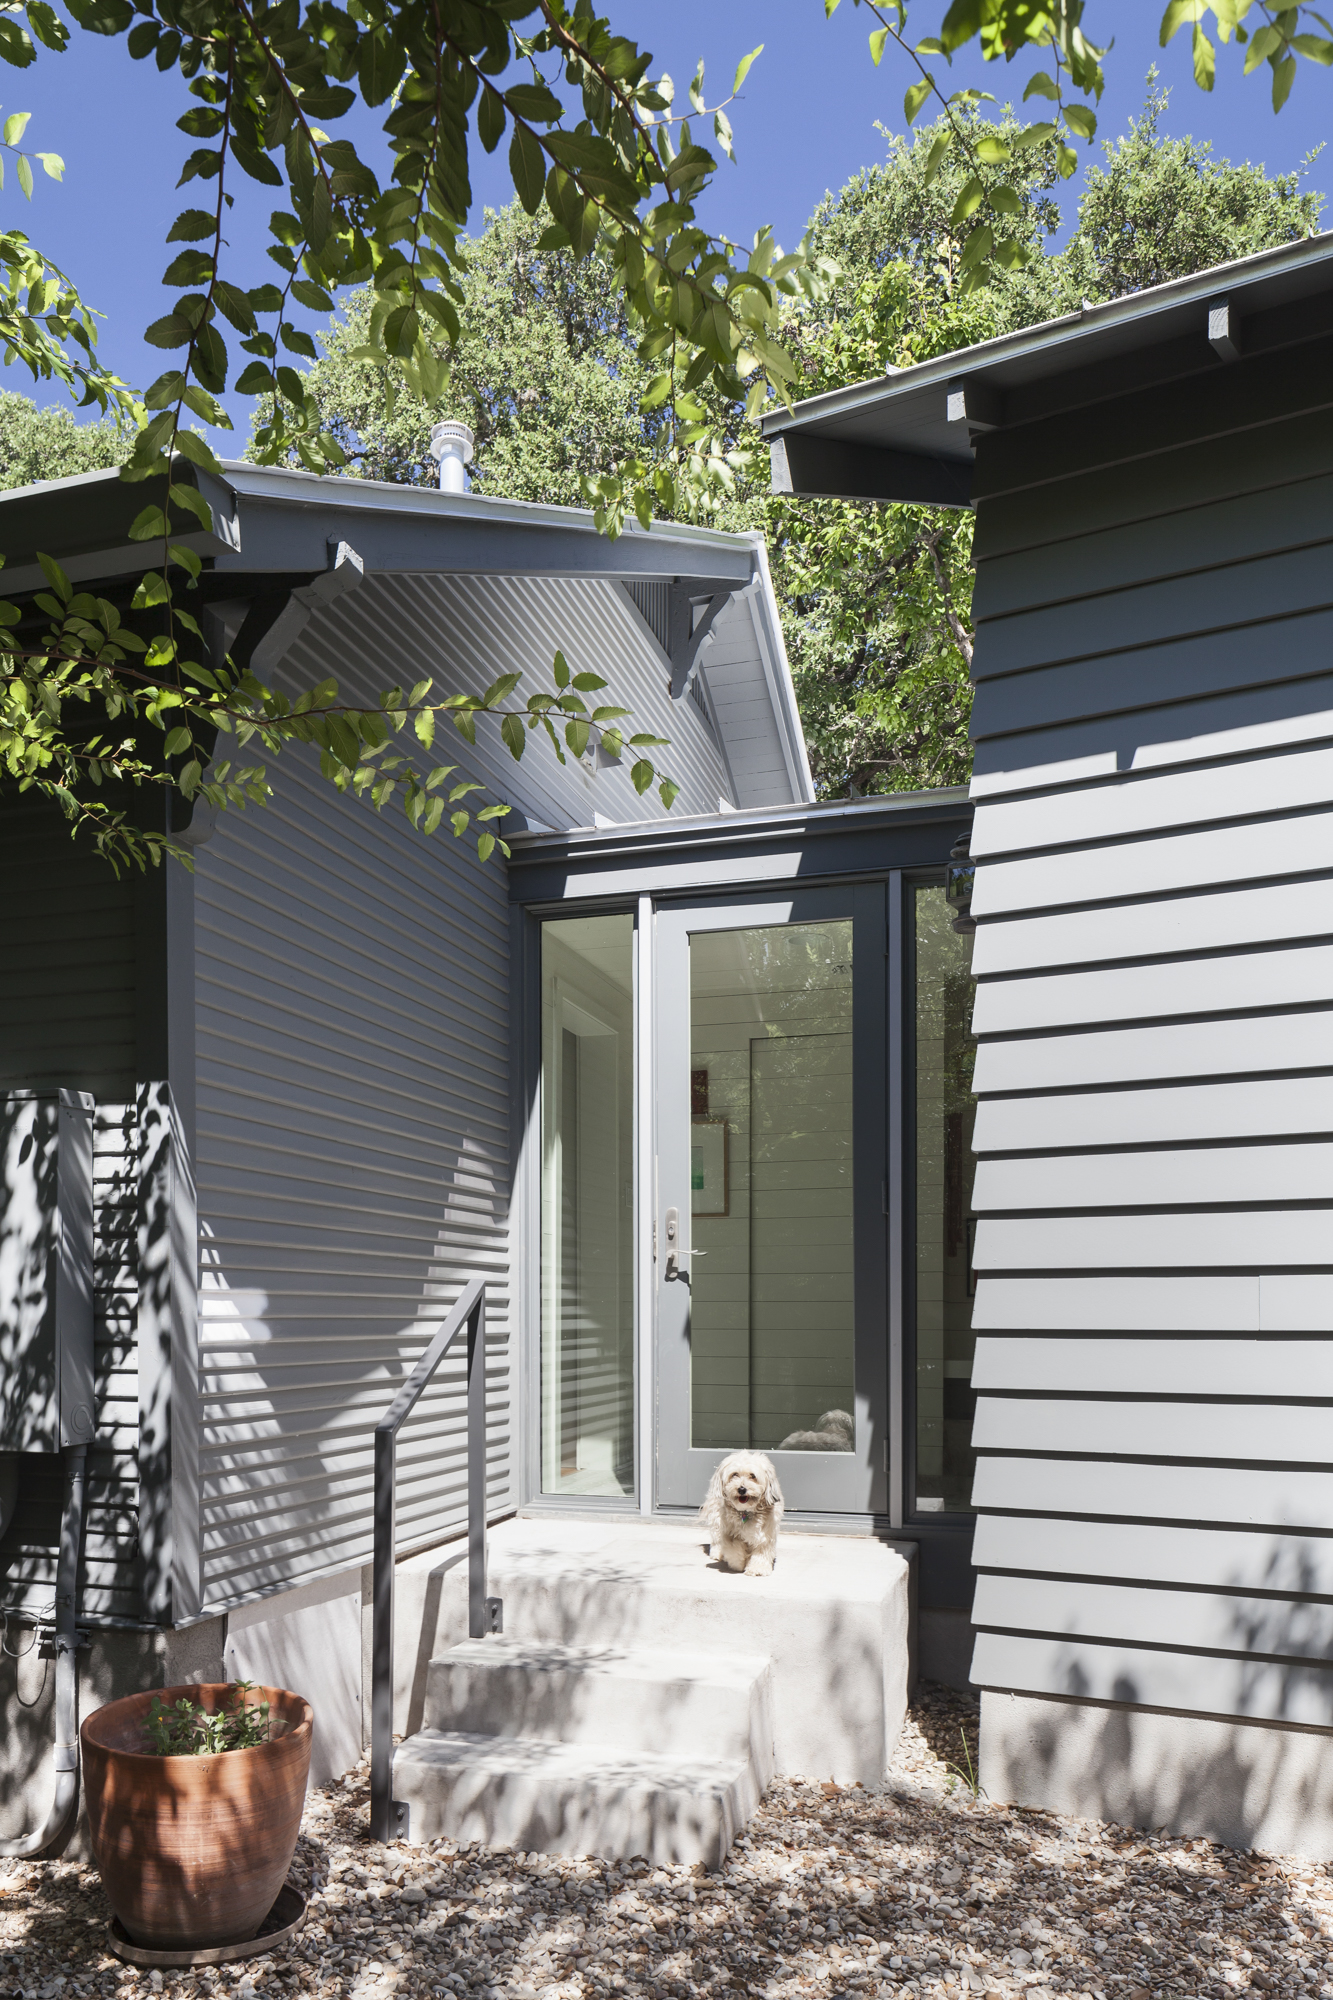 Elizabeth-Baird-Architecture-Annie Street-entrance to mudroom.jpg